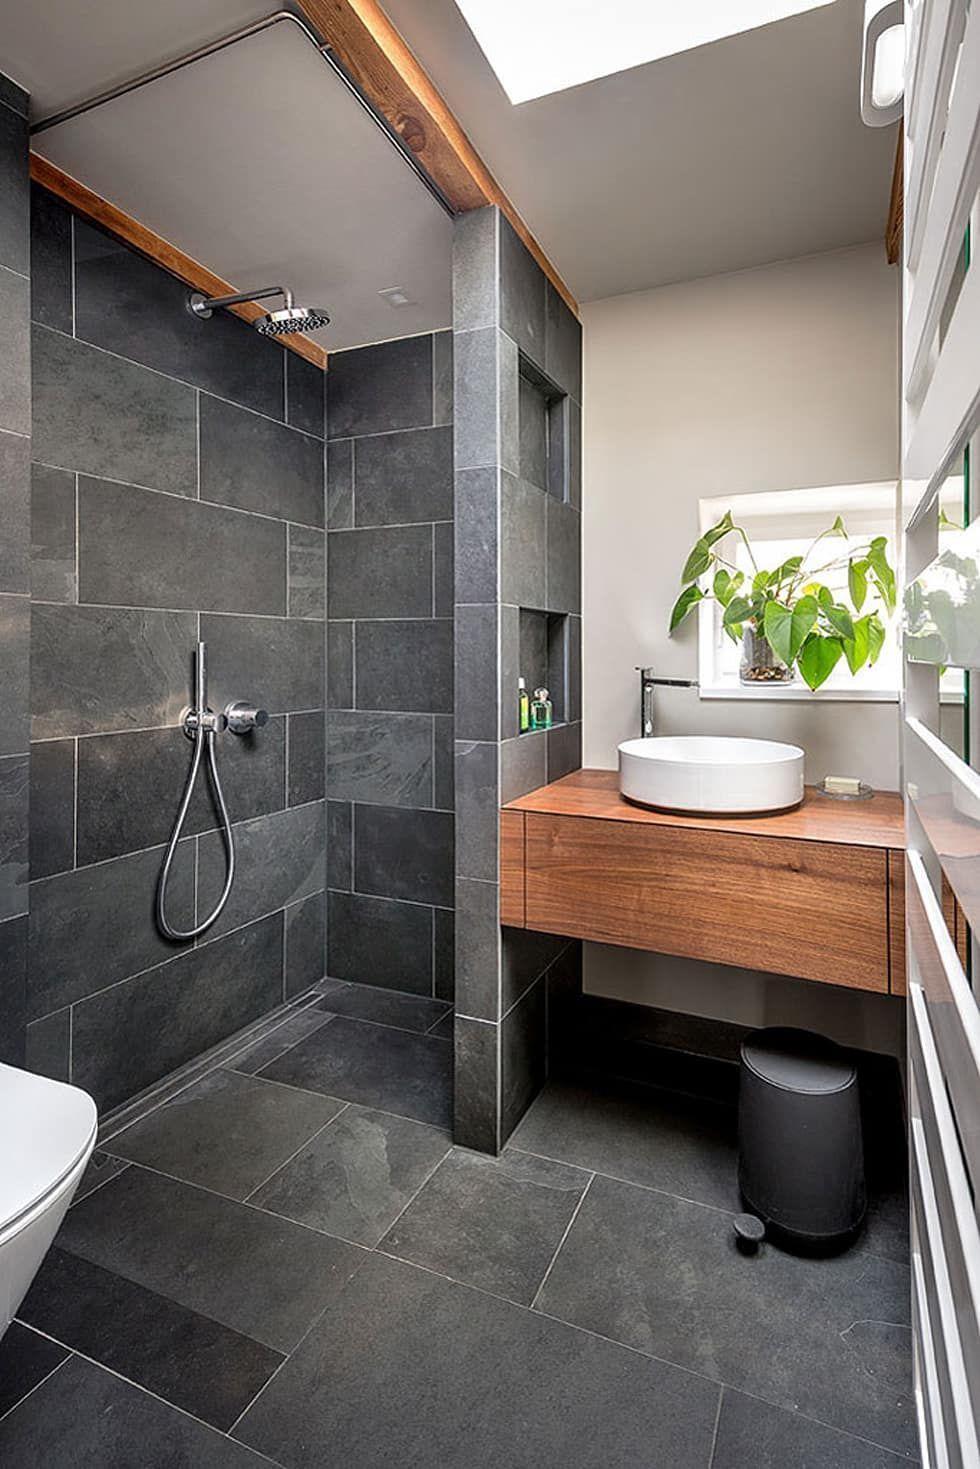 Badezimmer Schwarz Grau Schiefer Holz Minimalistische Badezimmer Von Conscious Design Inte In 2020 Bathroom Design Small Tiny House Bathroom Bathroom Interior Design